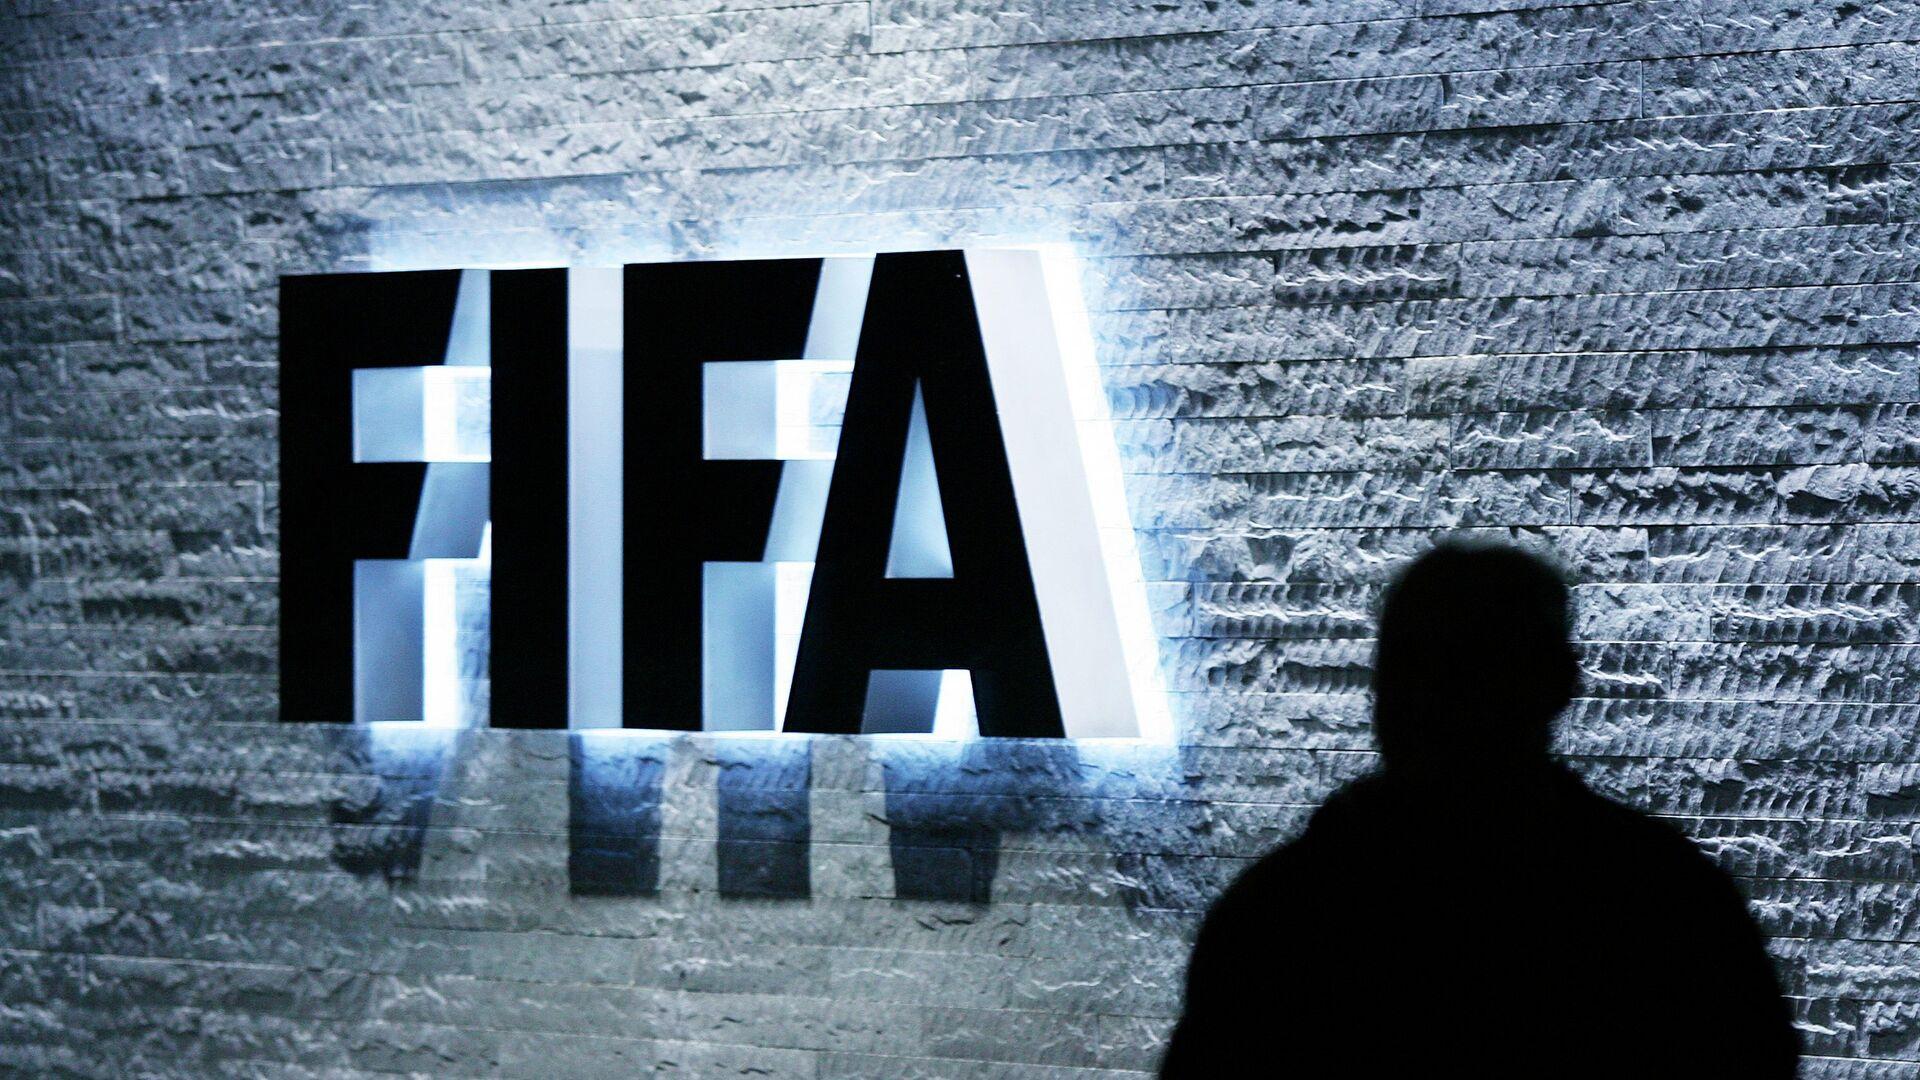 Логотип ФИФА, архивное фото. - Sputnik Тоҷикистон, 1920, 16.09.2021